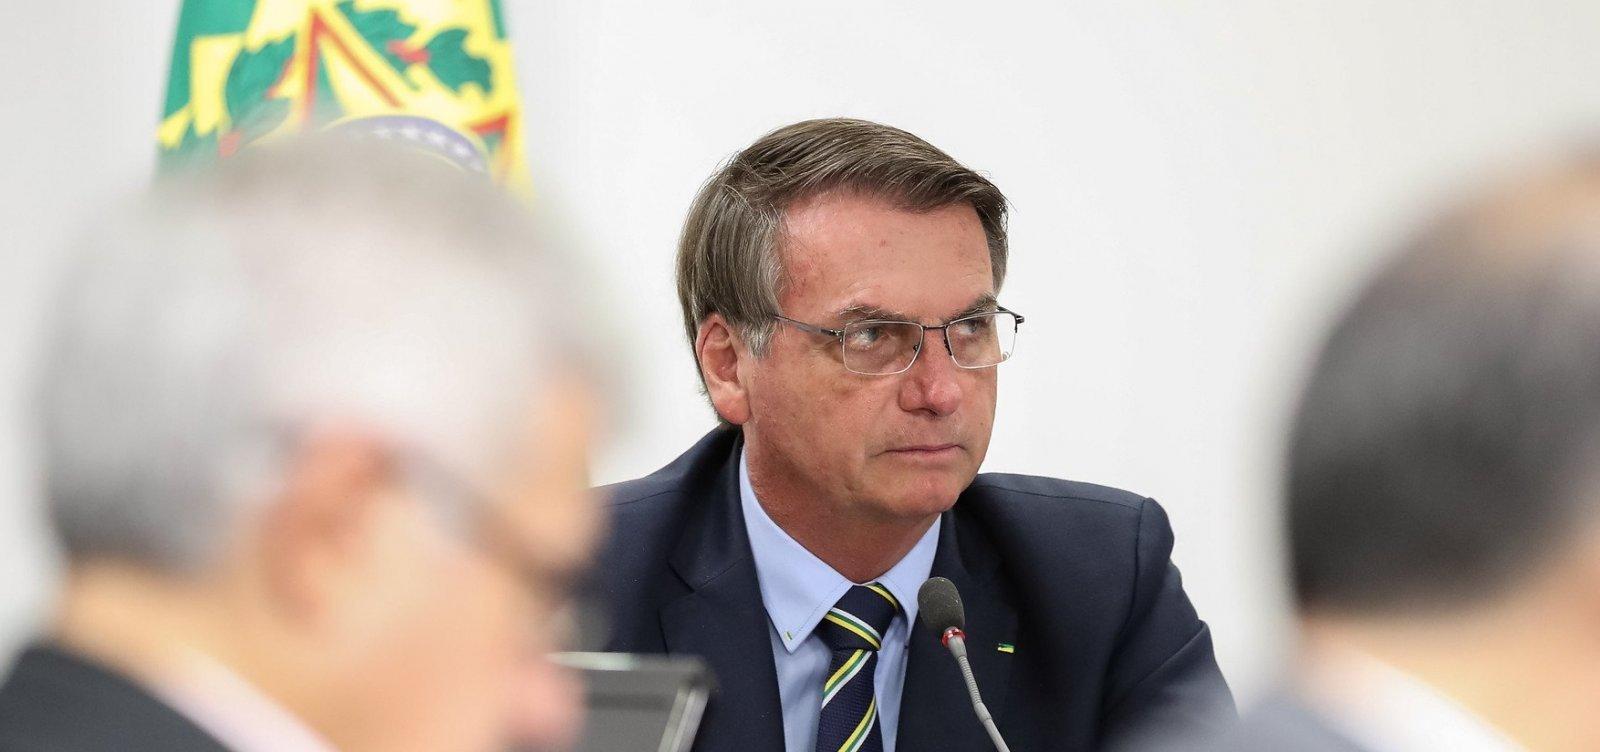 STF prorroga por mais 90 dias dois inquéritos ligados ao presidente Jair Bolsonaro